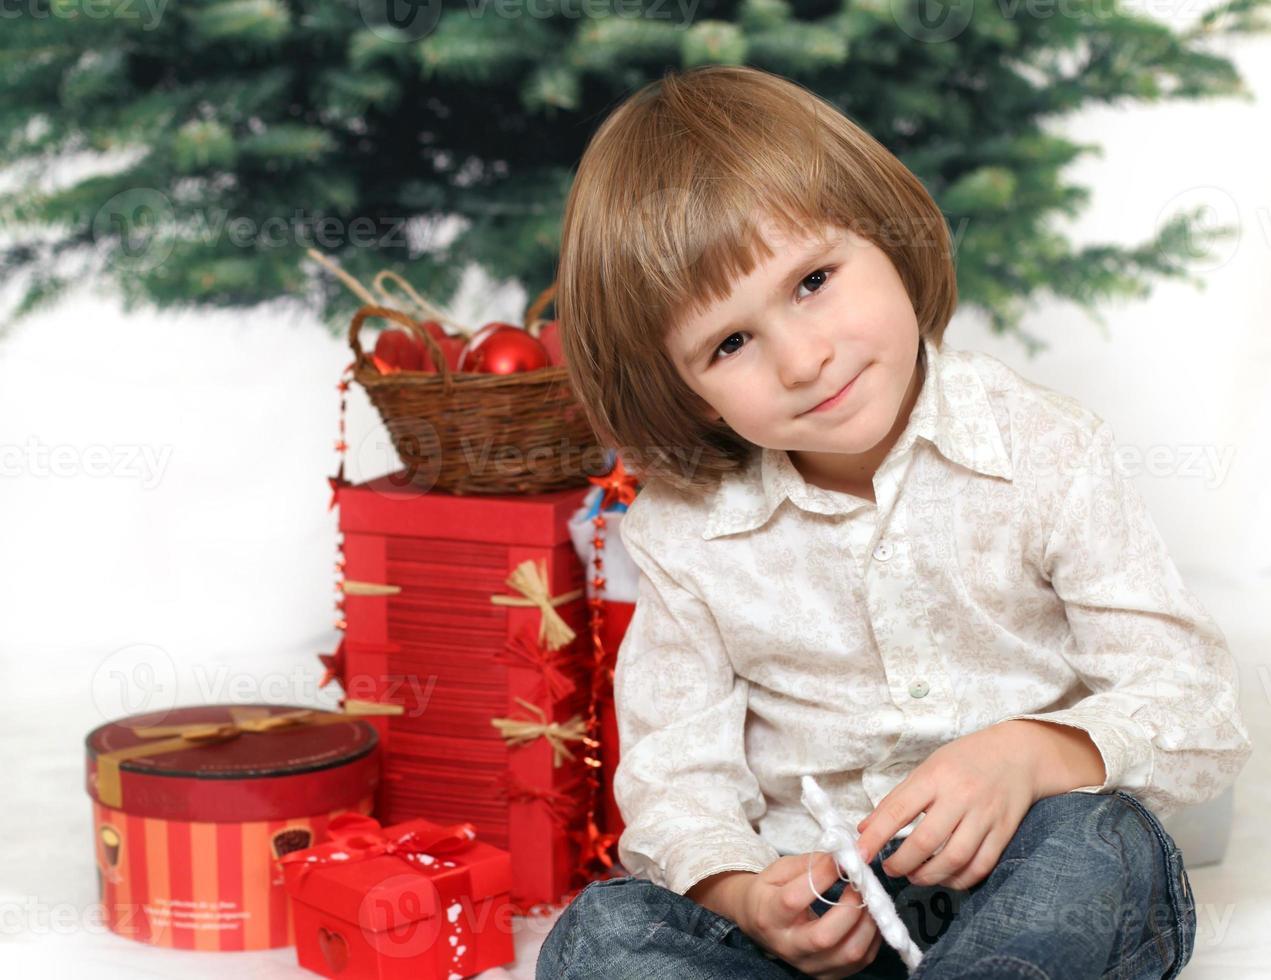 kinder con doni sotto l'albero di pelliccia foto